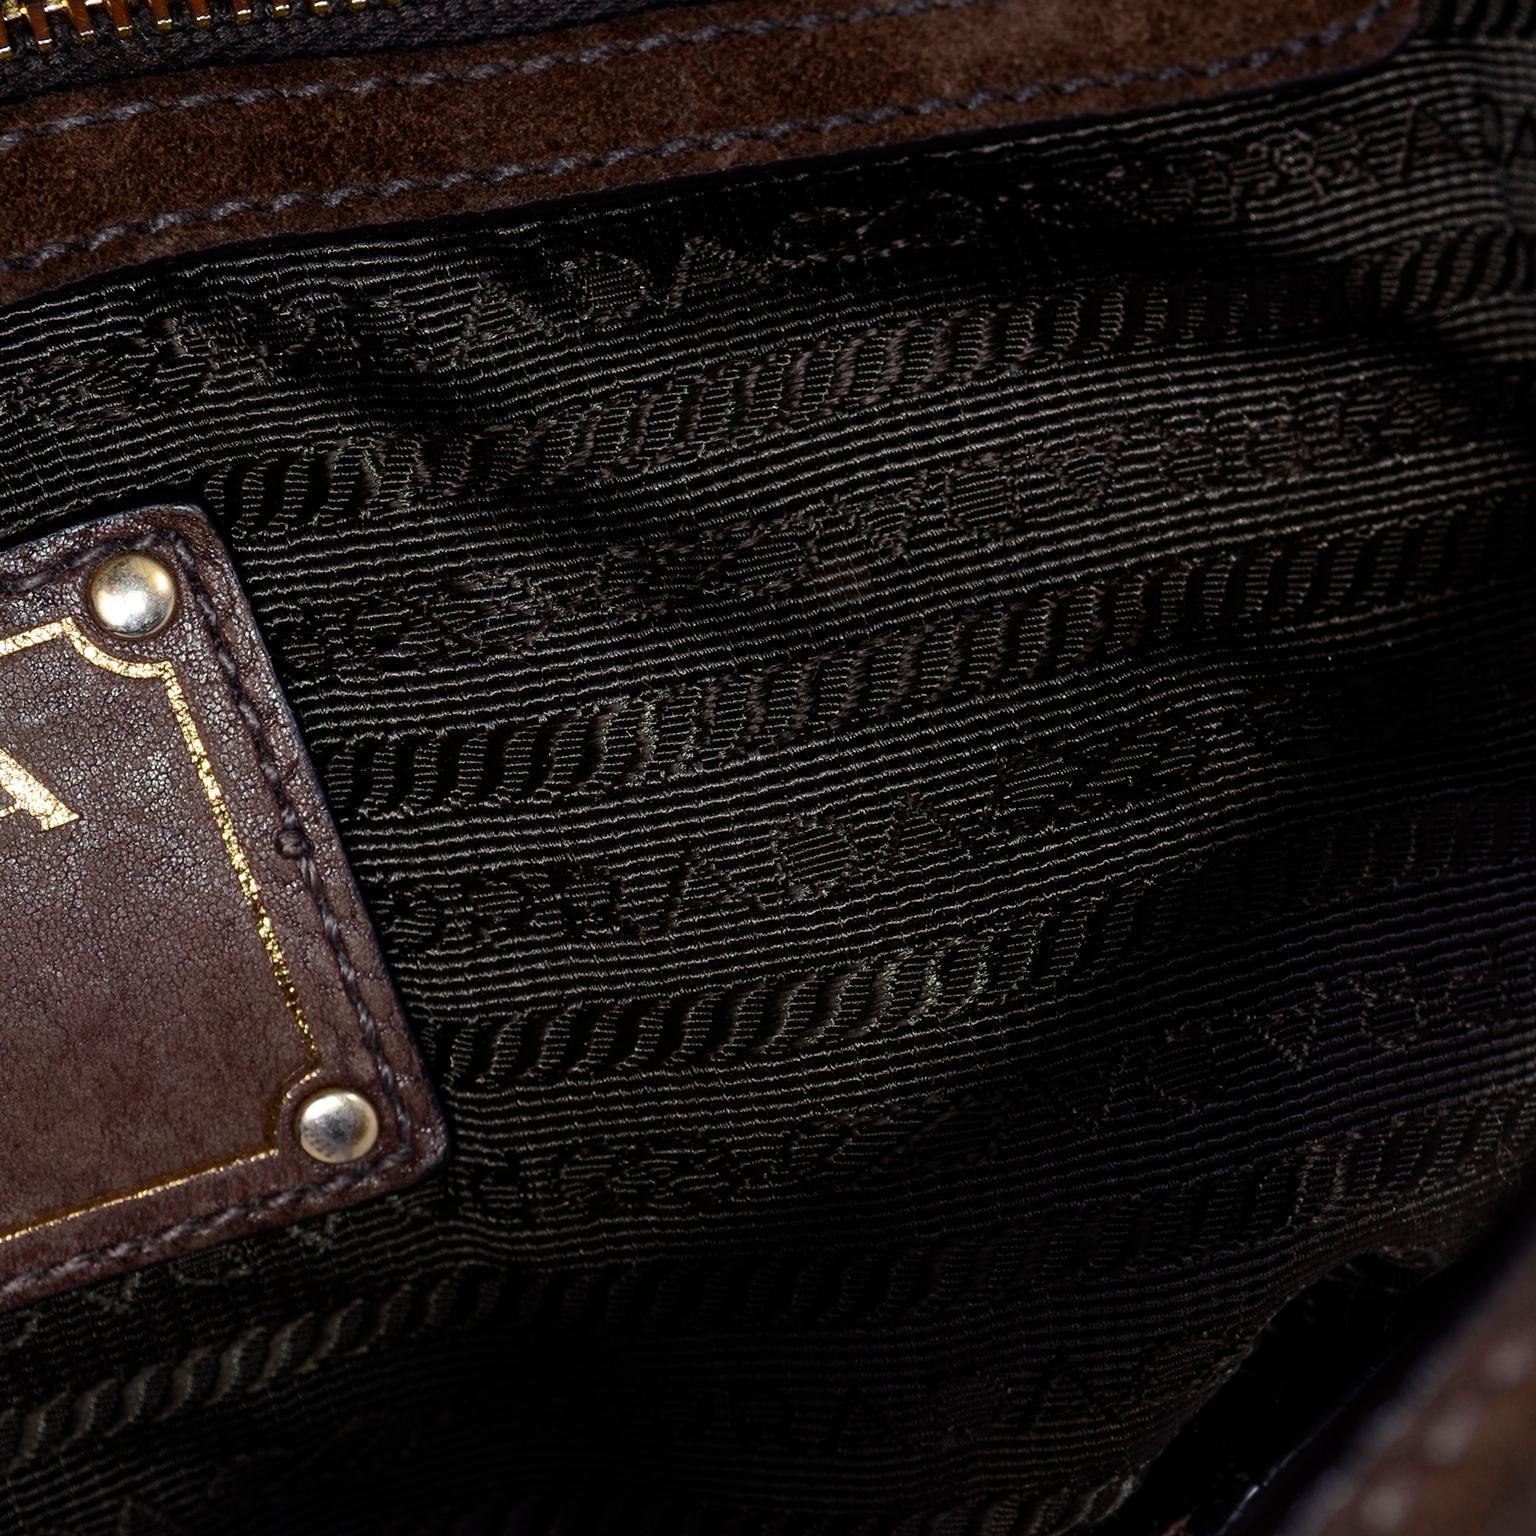 d3df3d15c6dedf Prada Scamosciato Handbag in Chocolate Brown Suede Shoulder Bag For Sale at  1stdibs